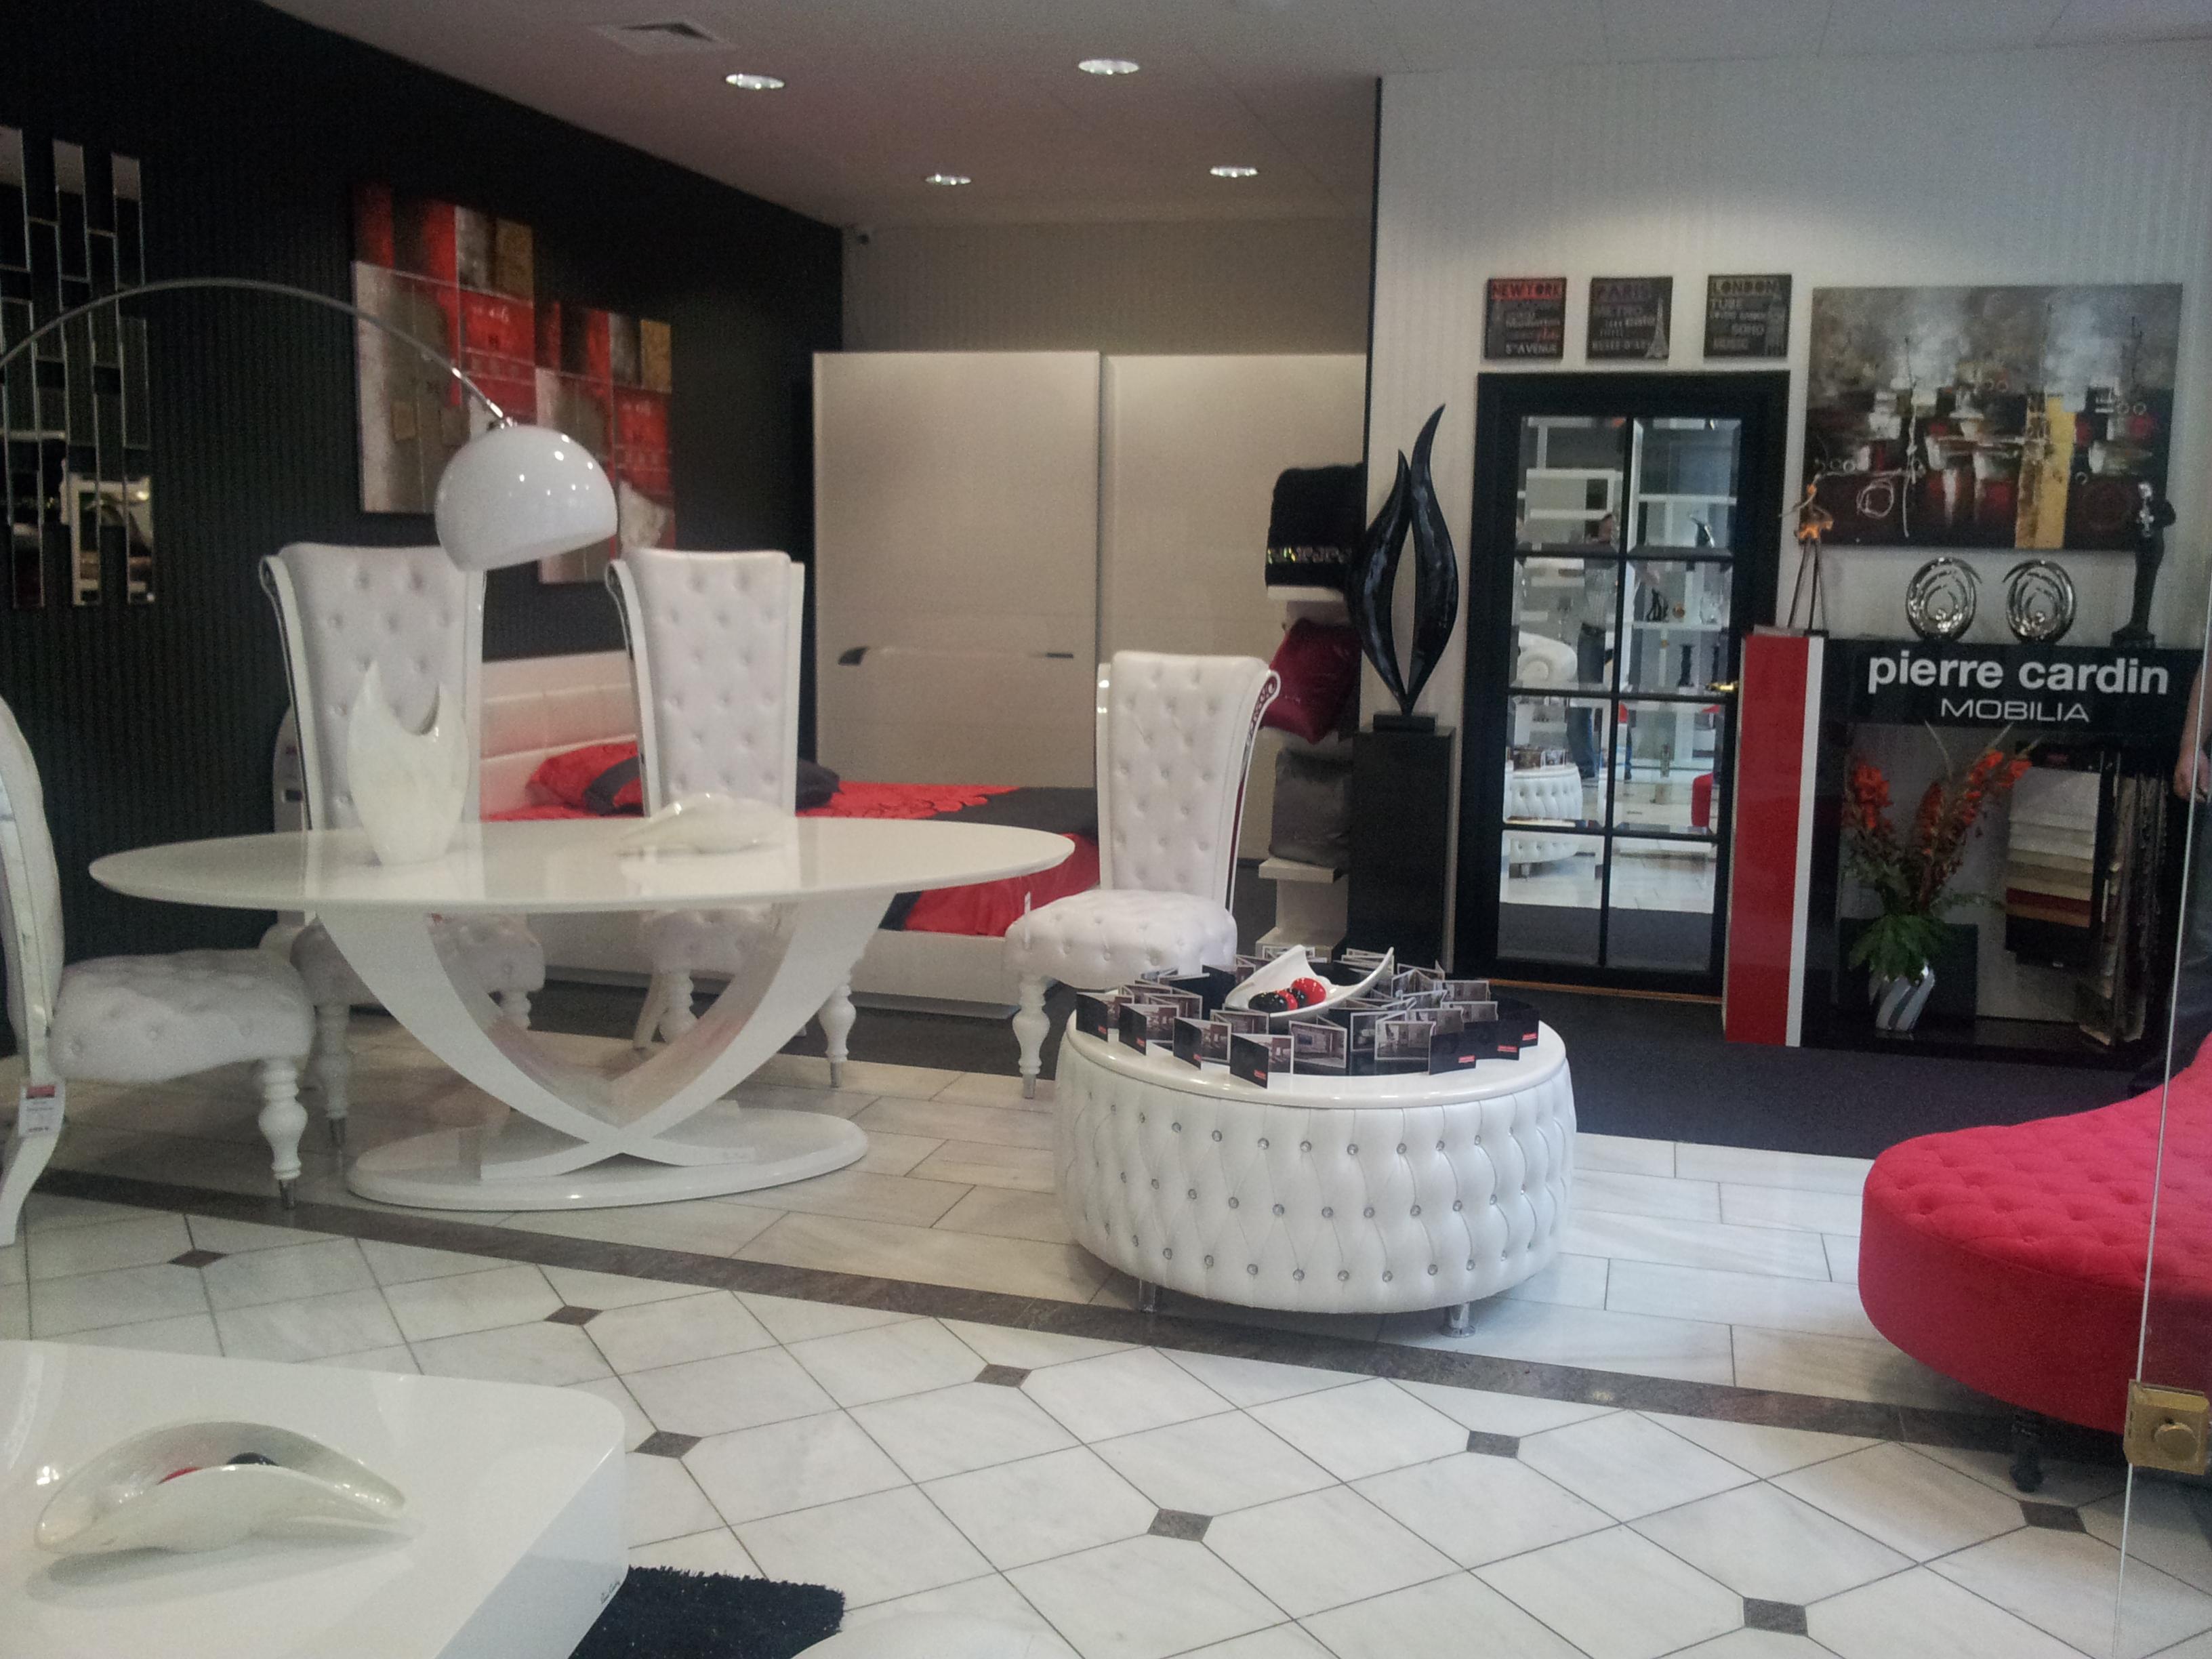 Sat + Möbel Shop Akaslan Köln   Herzlich willkommen!